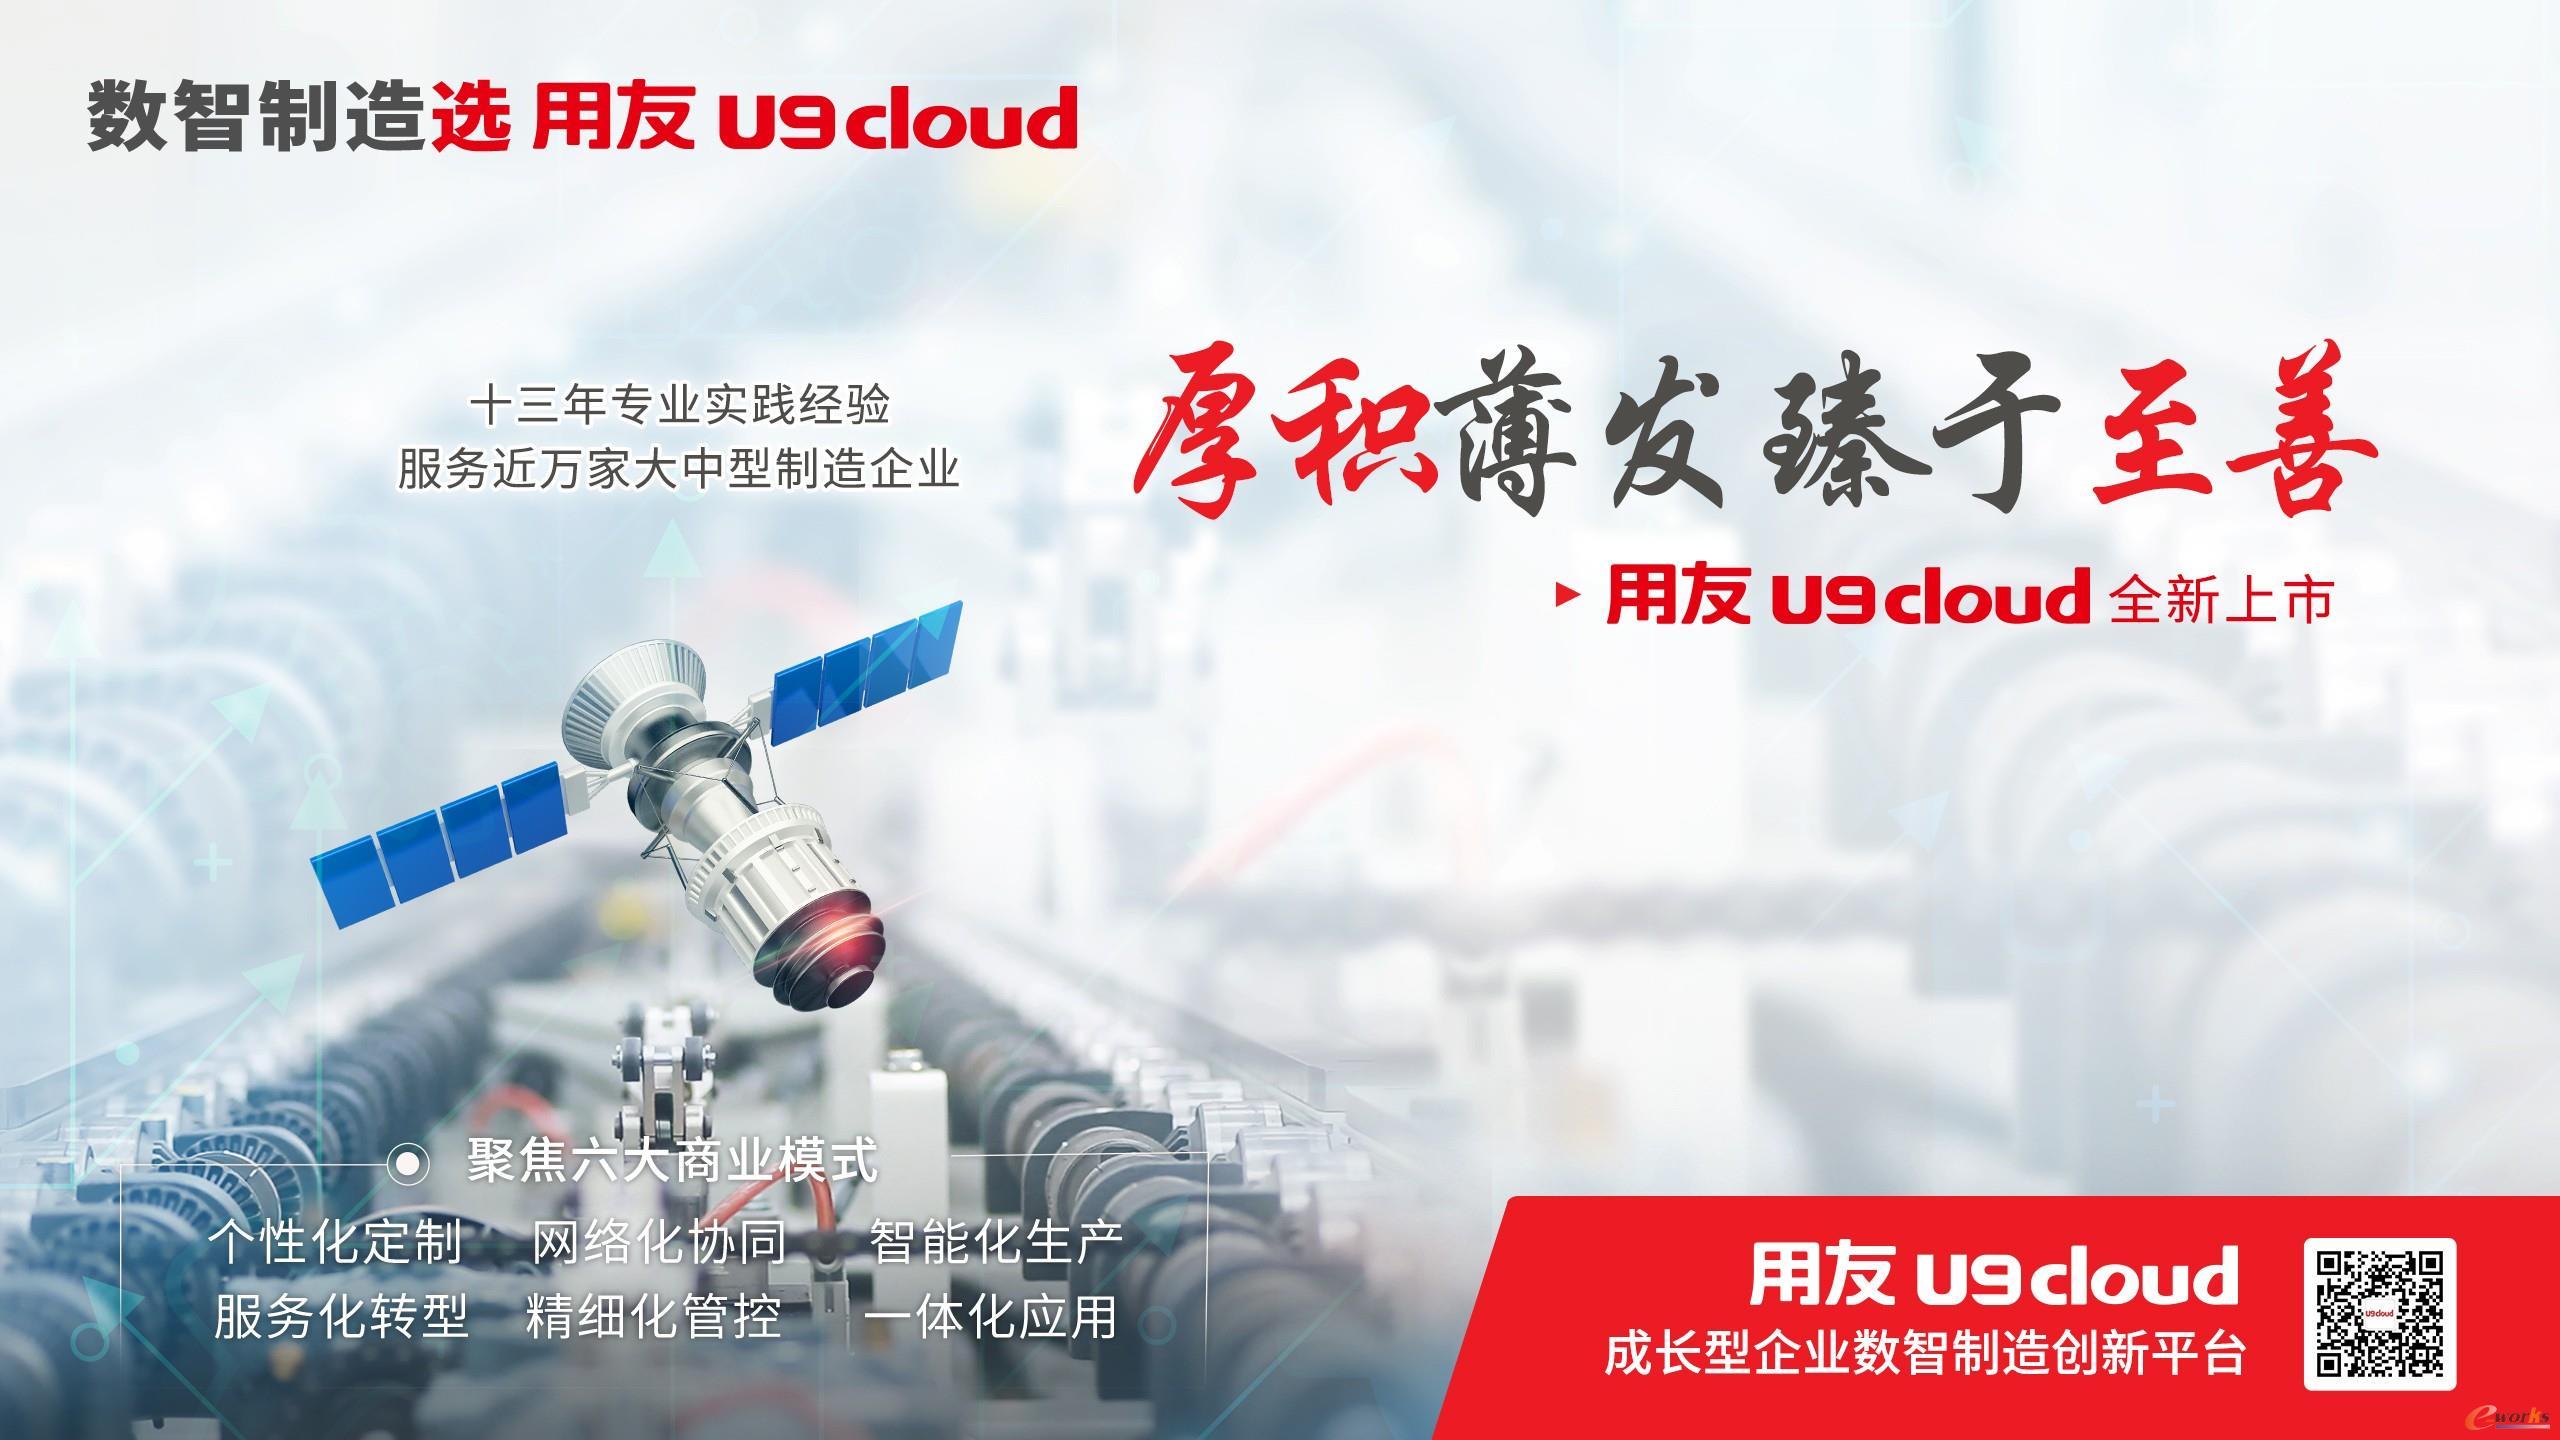 https://www.e-works.net.cn/News/articleimage/20216/132690132540772463_new.jpg